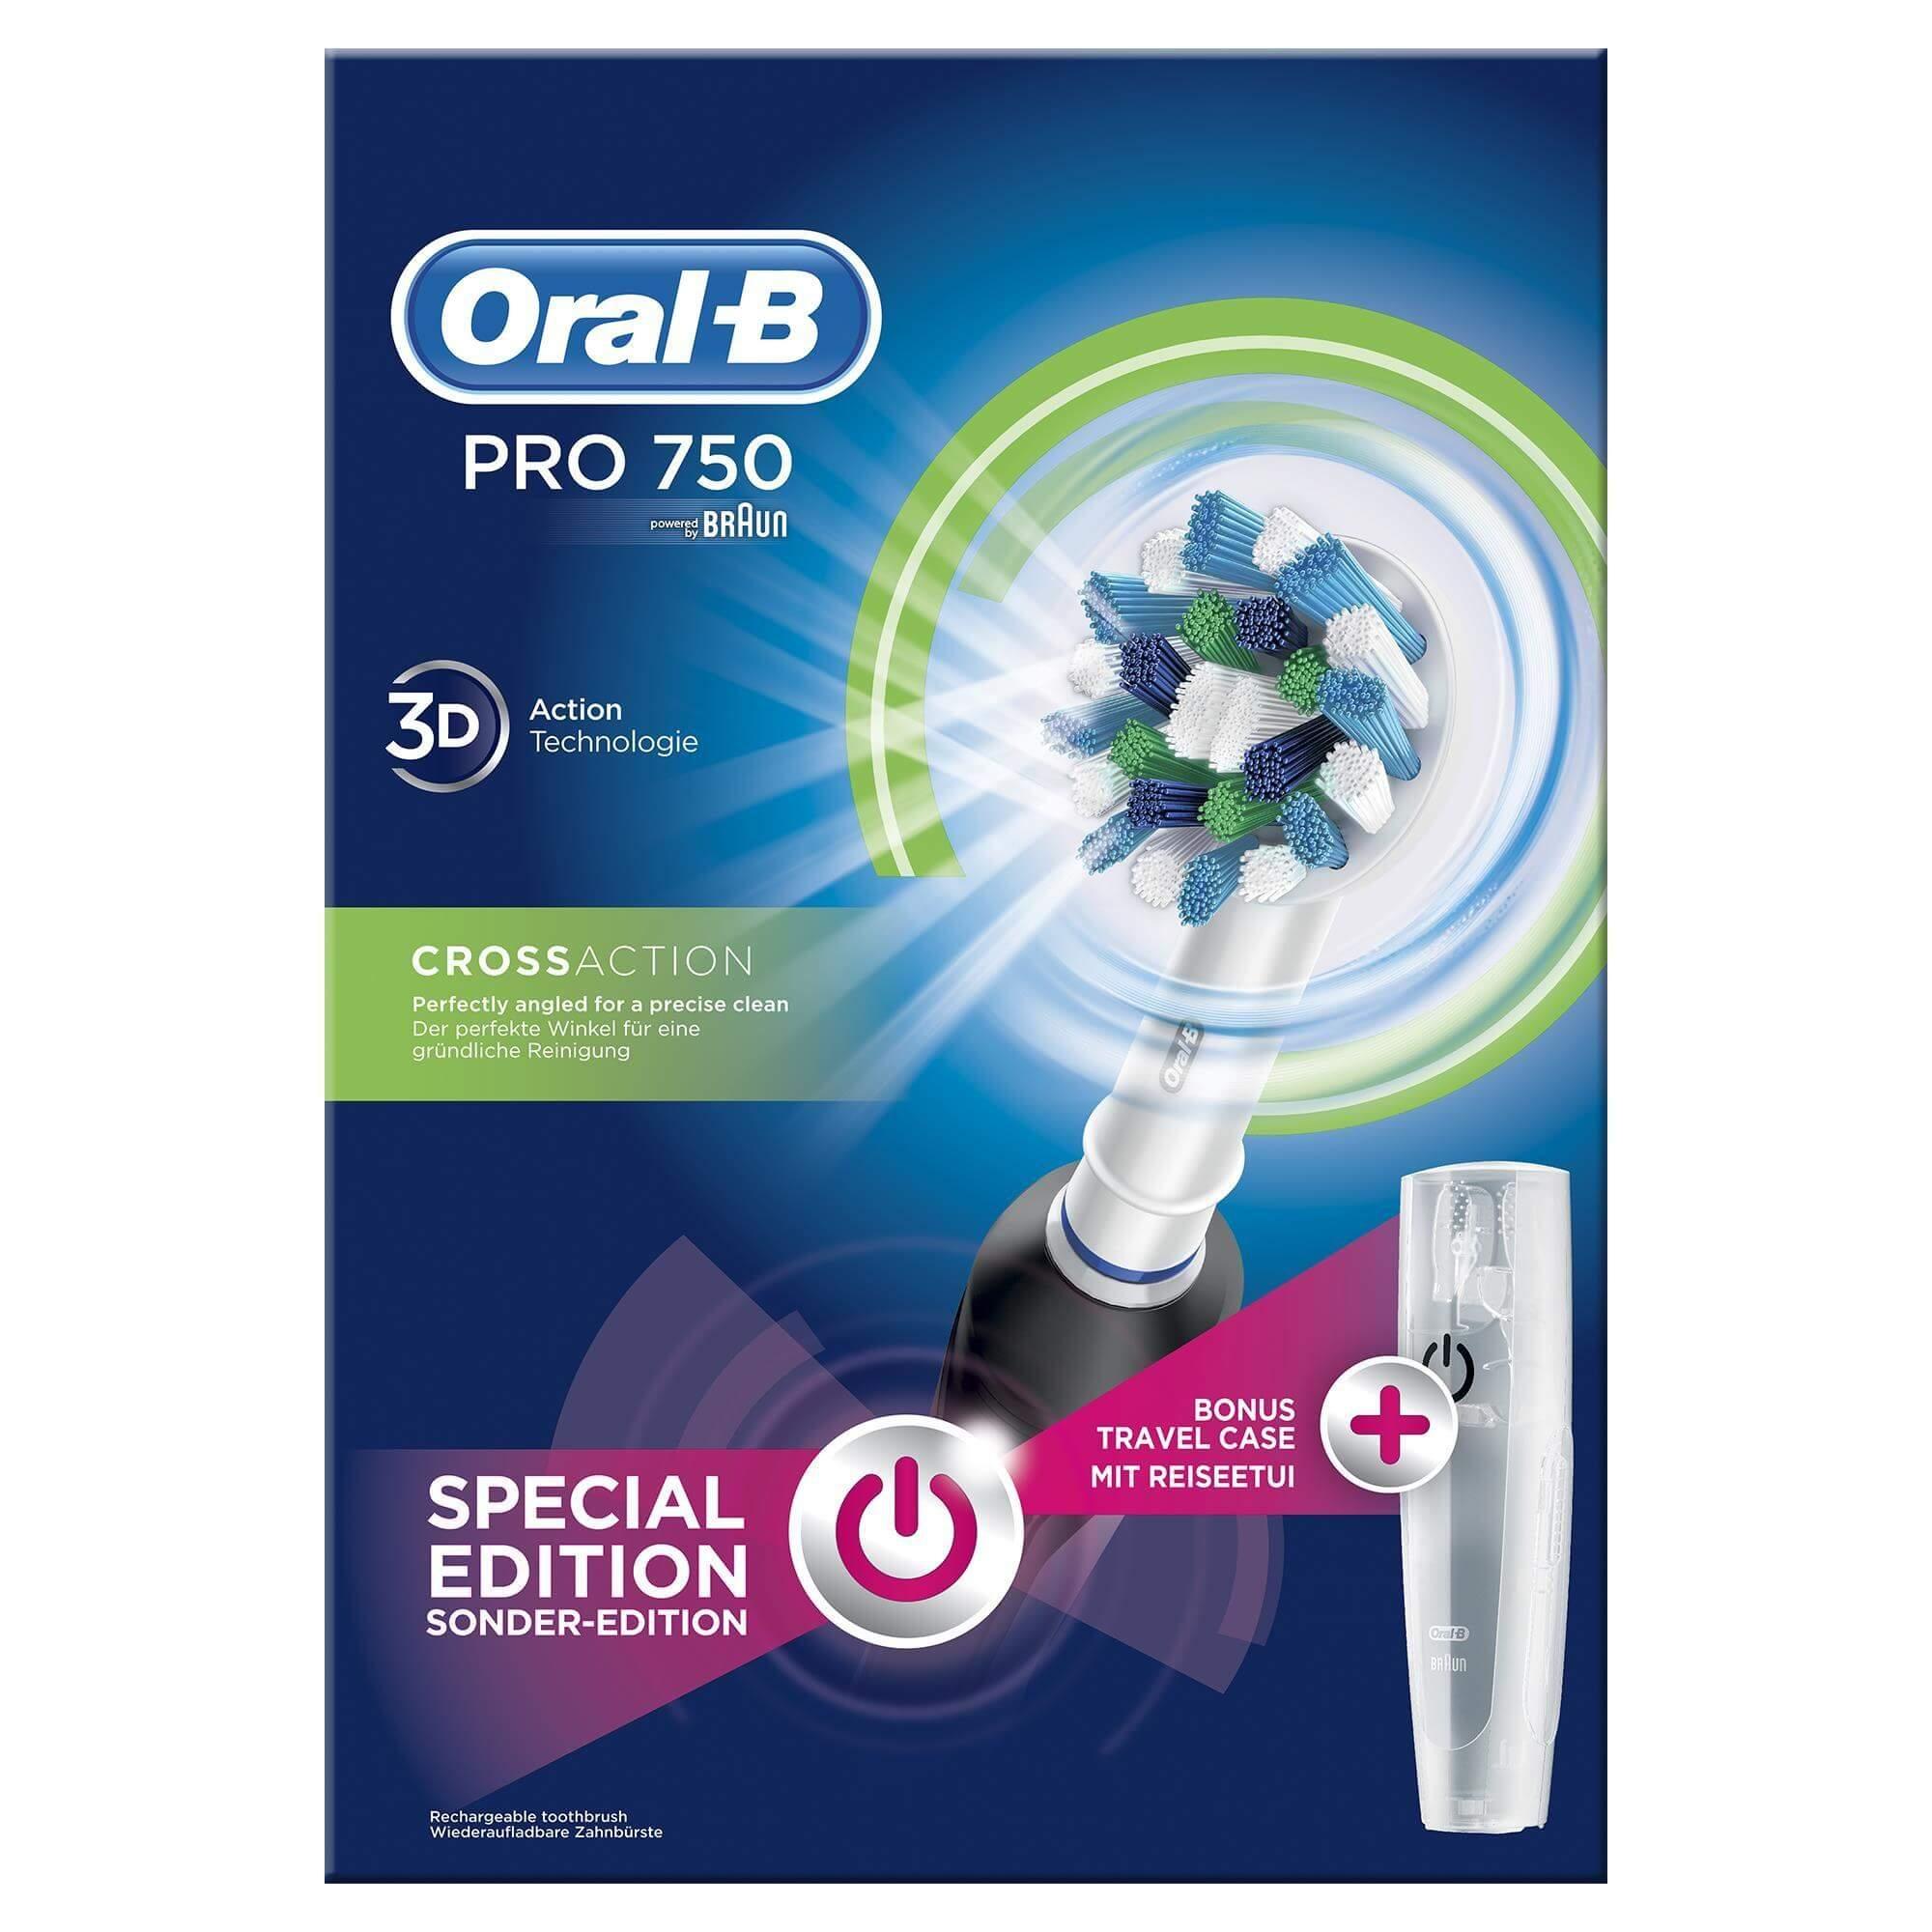 Oral B Pro 750 Cross Action 3D Black Special Edition Ηλεκτρική Οδοντόβουρτσα για υγιεινή   στοματική υγιεινή   ηλεκτρικές οδοντόβουρτσες και ανταλλακτικά